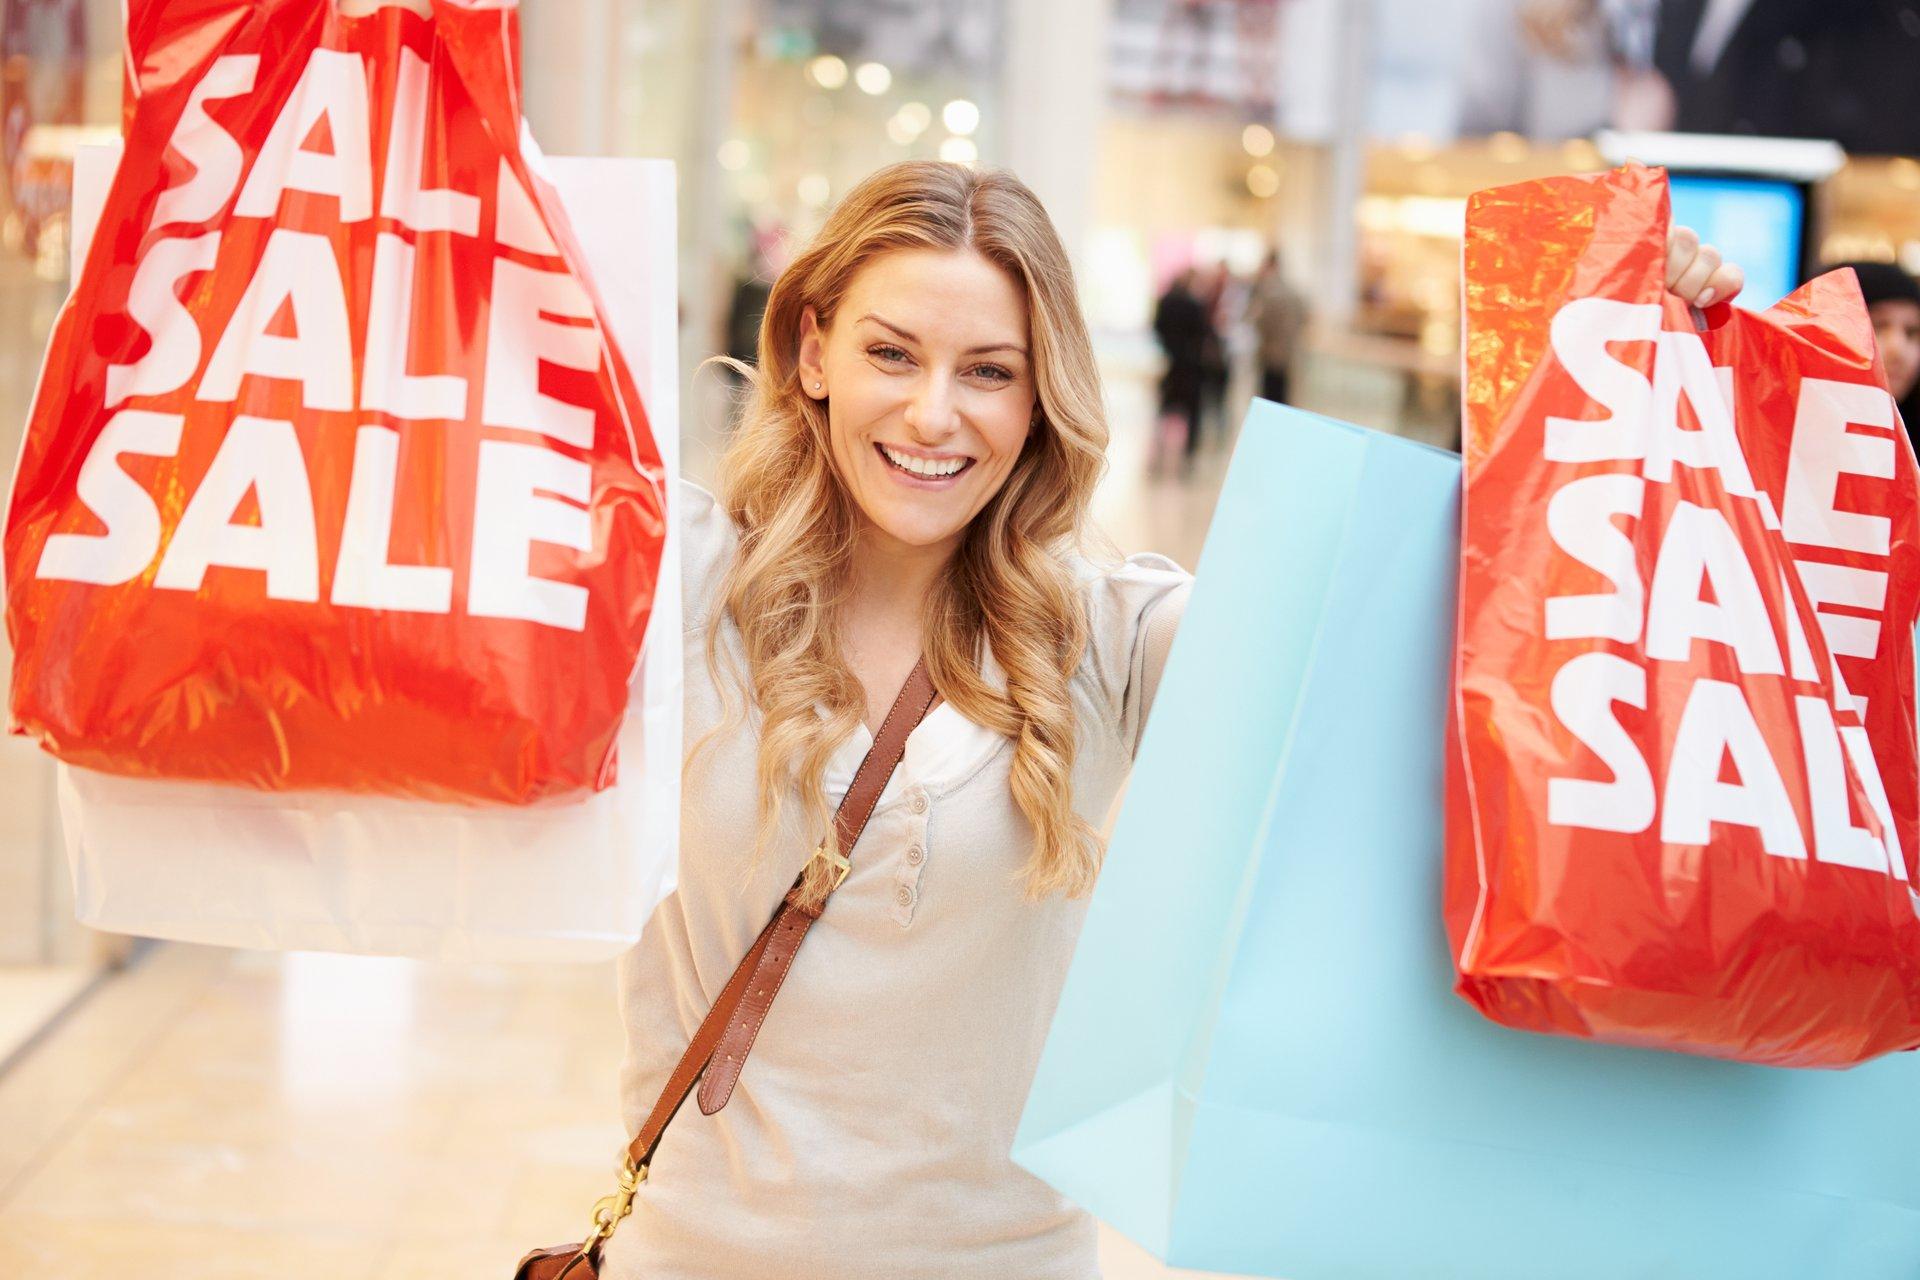 Sale shopper